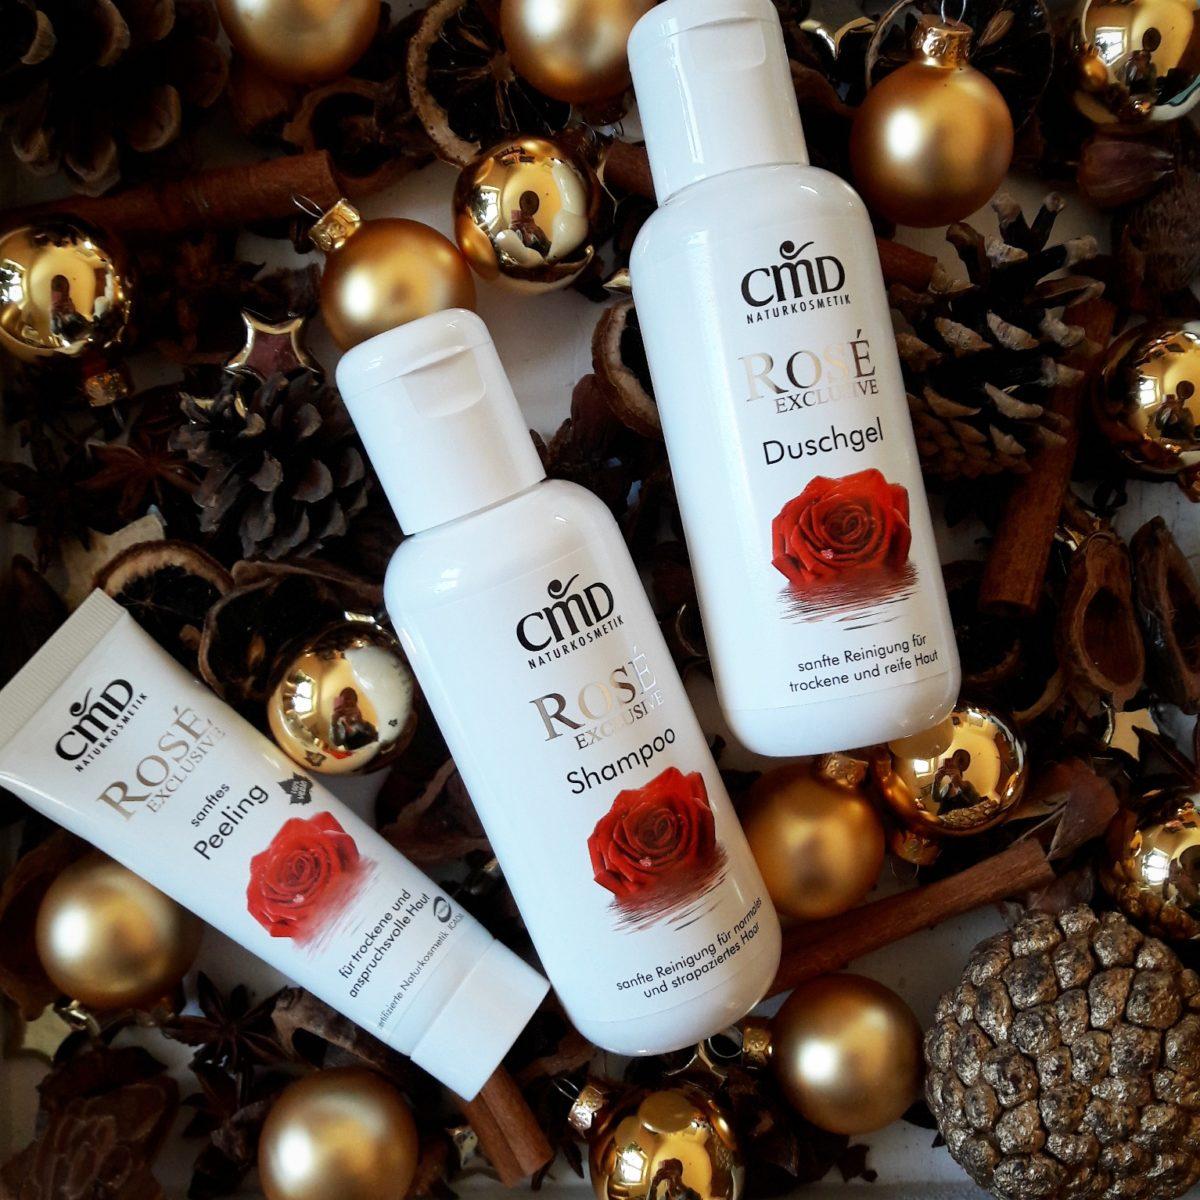 3. Dezember: Beauty-Paket von CMD Naturkosmetik zu gewinnen